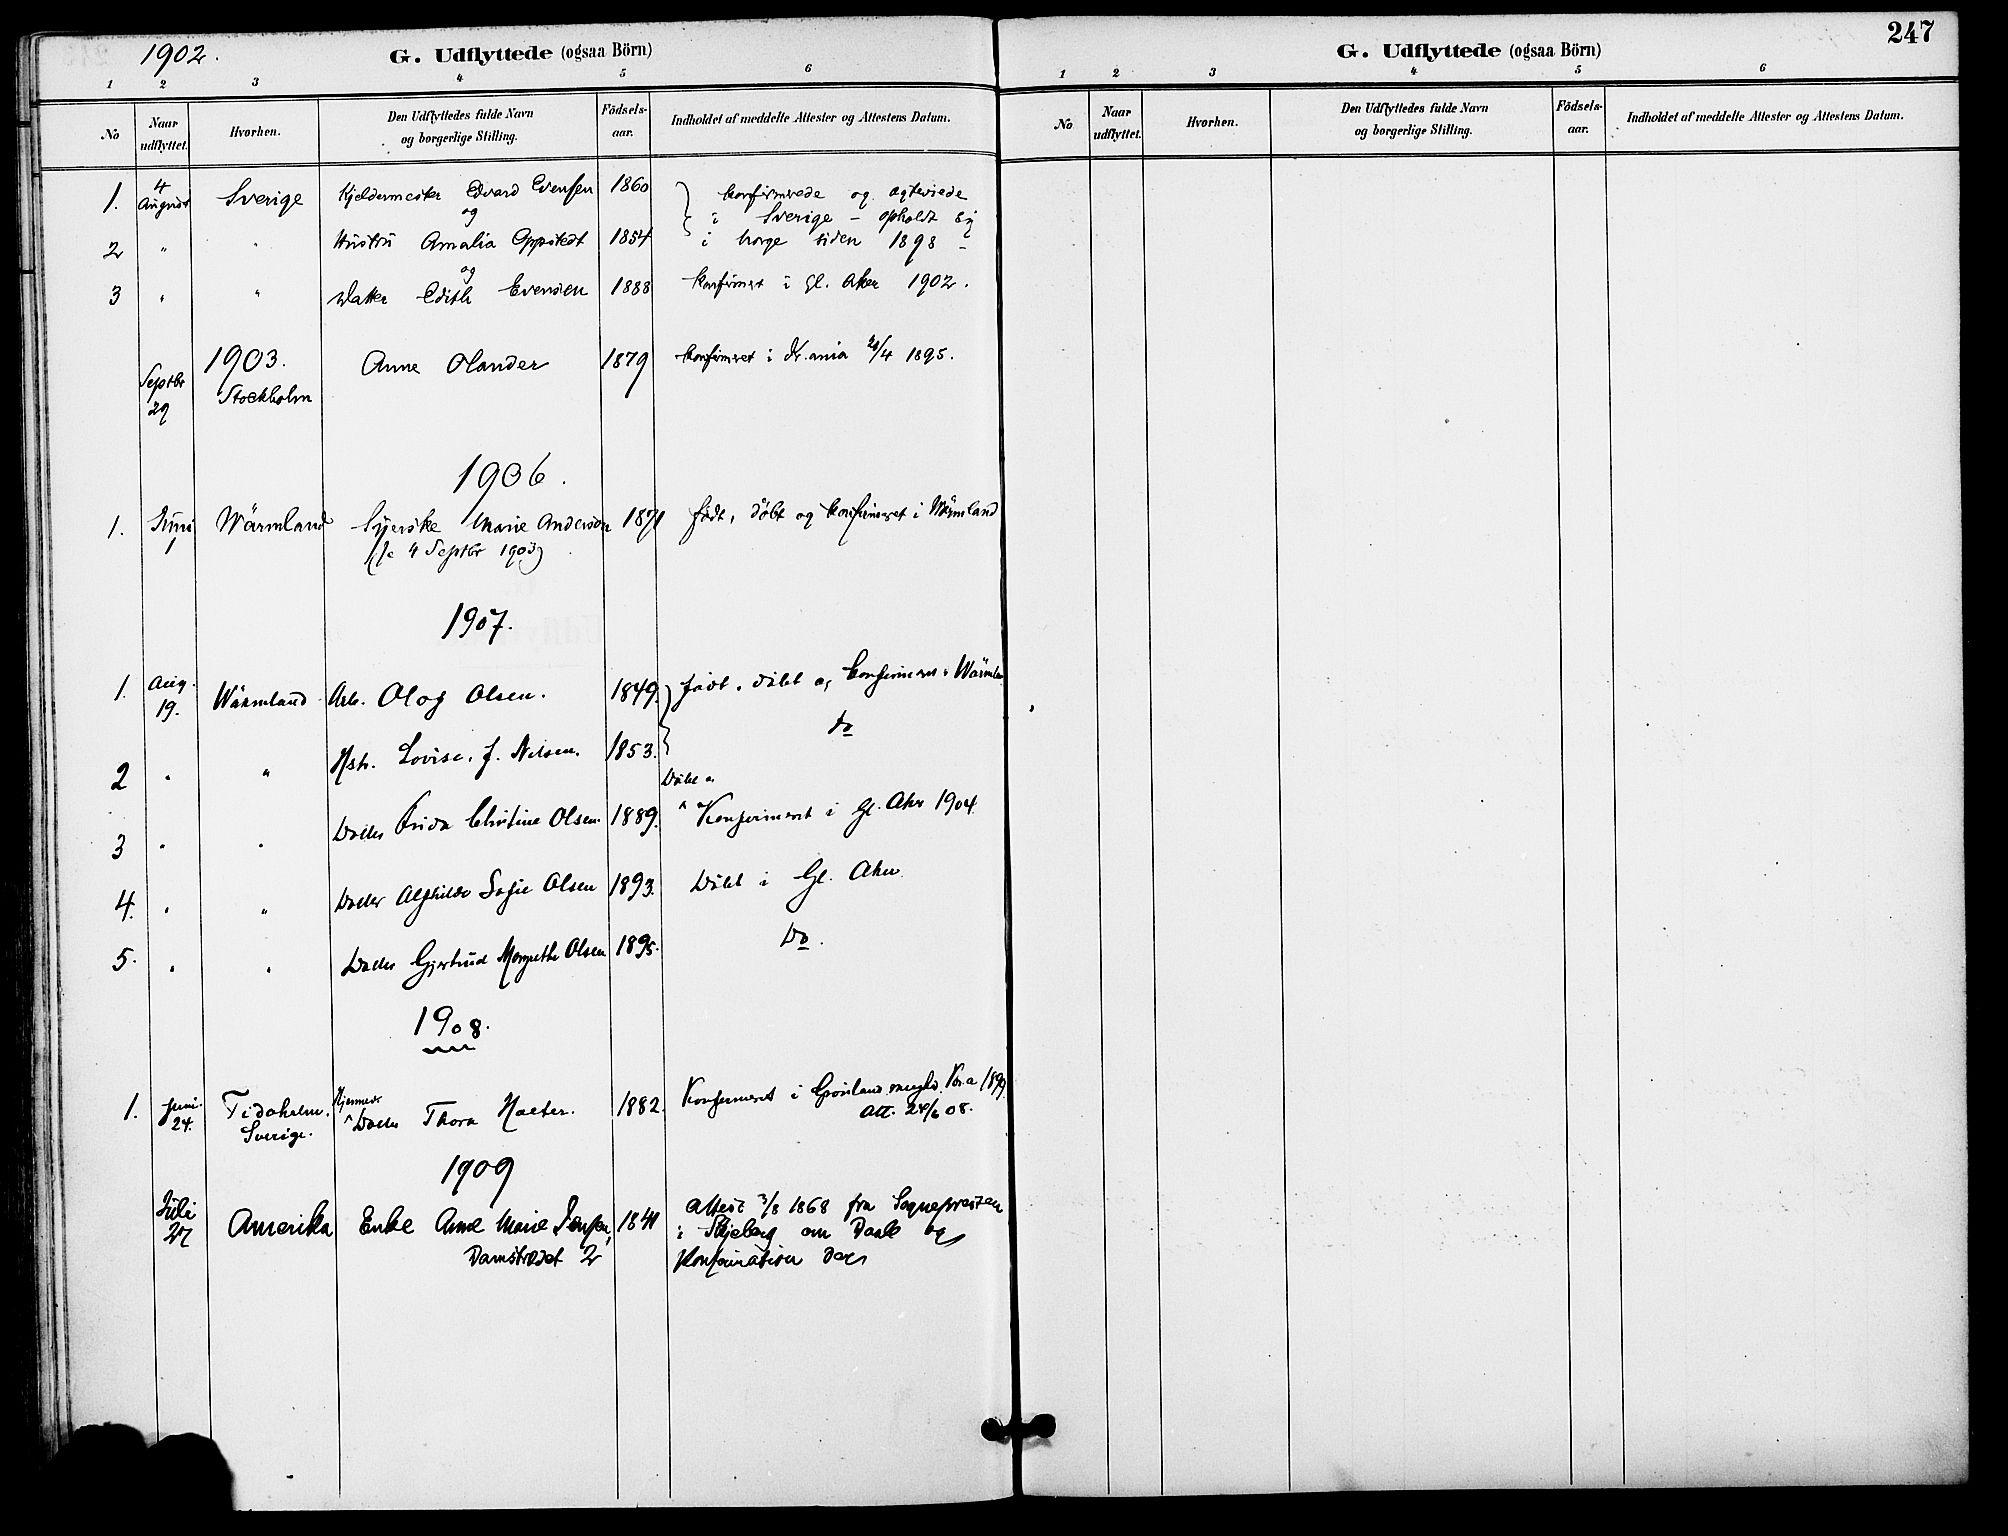 SAO, Gamle Aker prestekontor Kirkebøker, F/L0009: Ministerialbok nr. 9, 1890-1898, s. 247